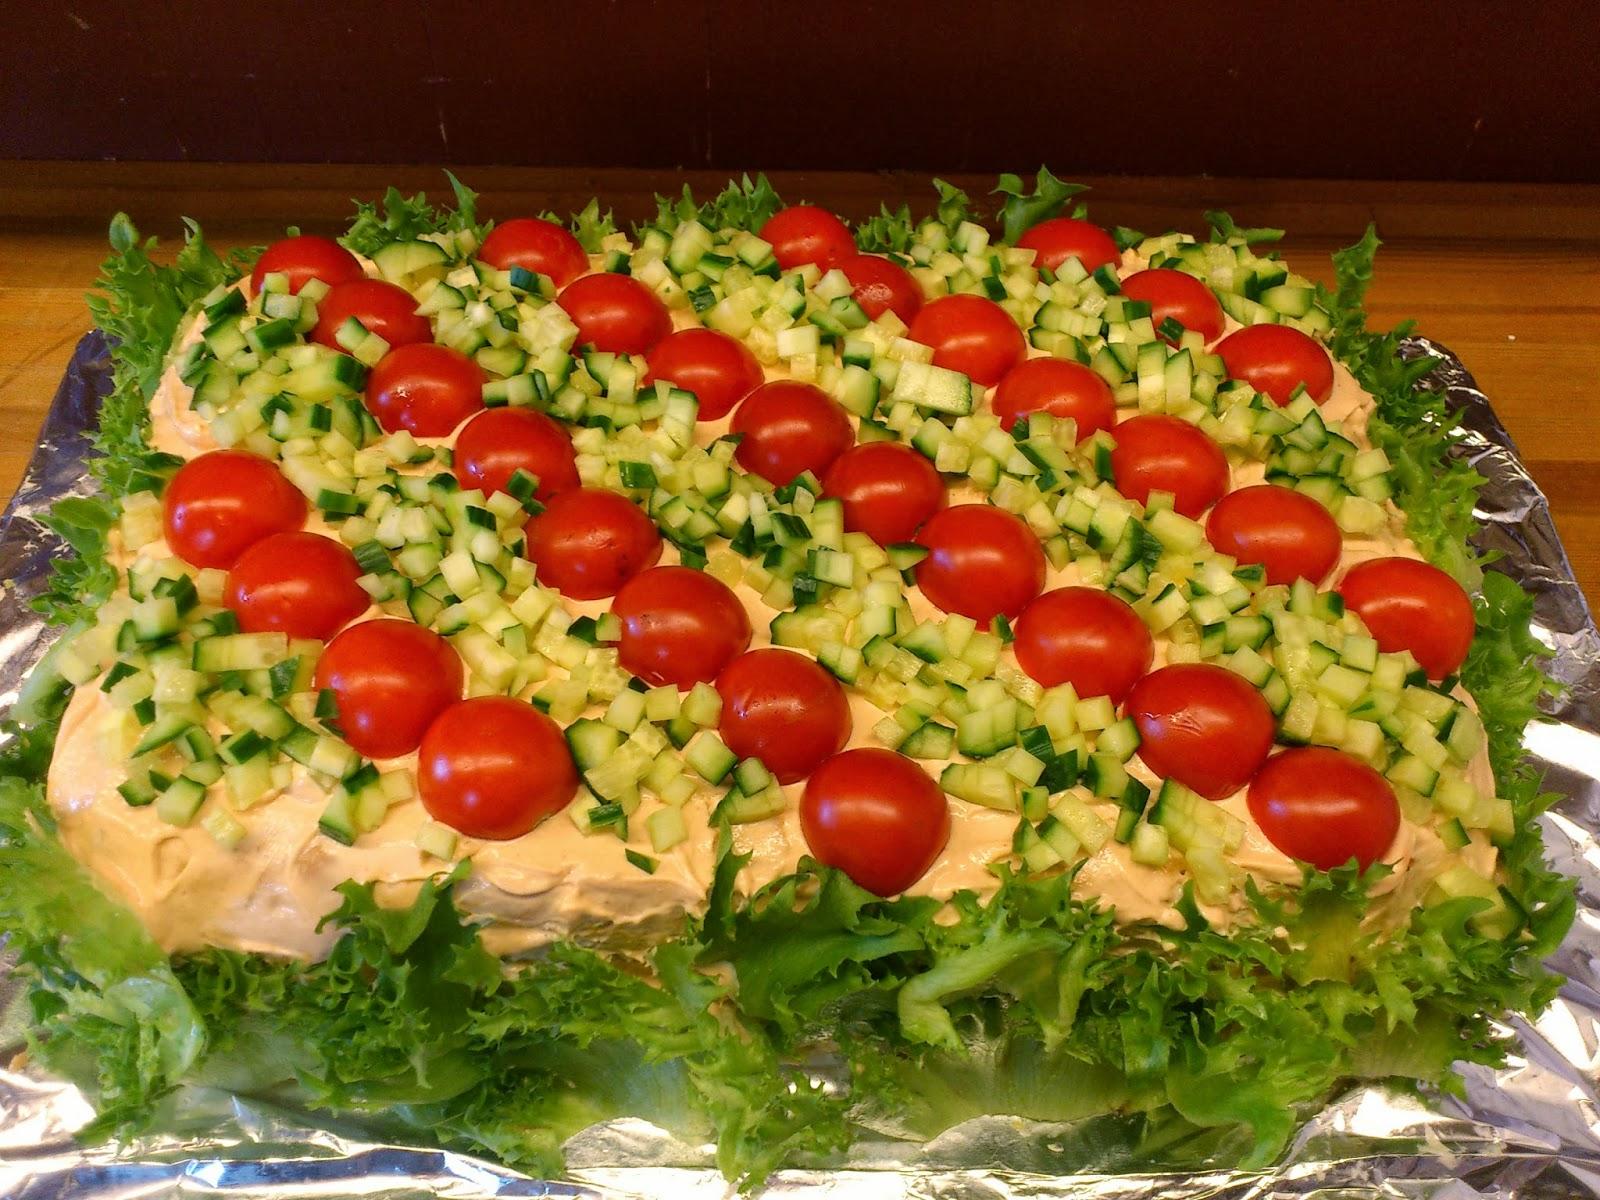 s hvordan lage en sunn og god salat.